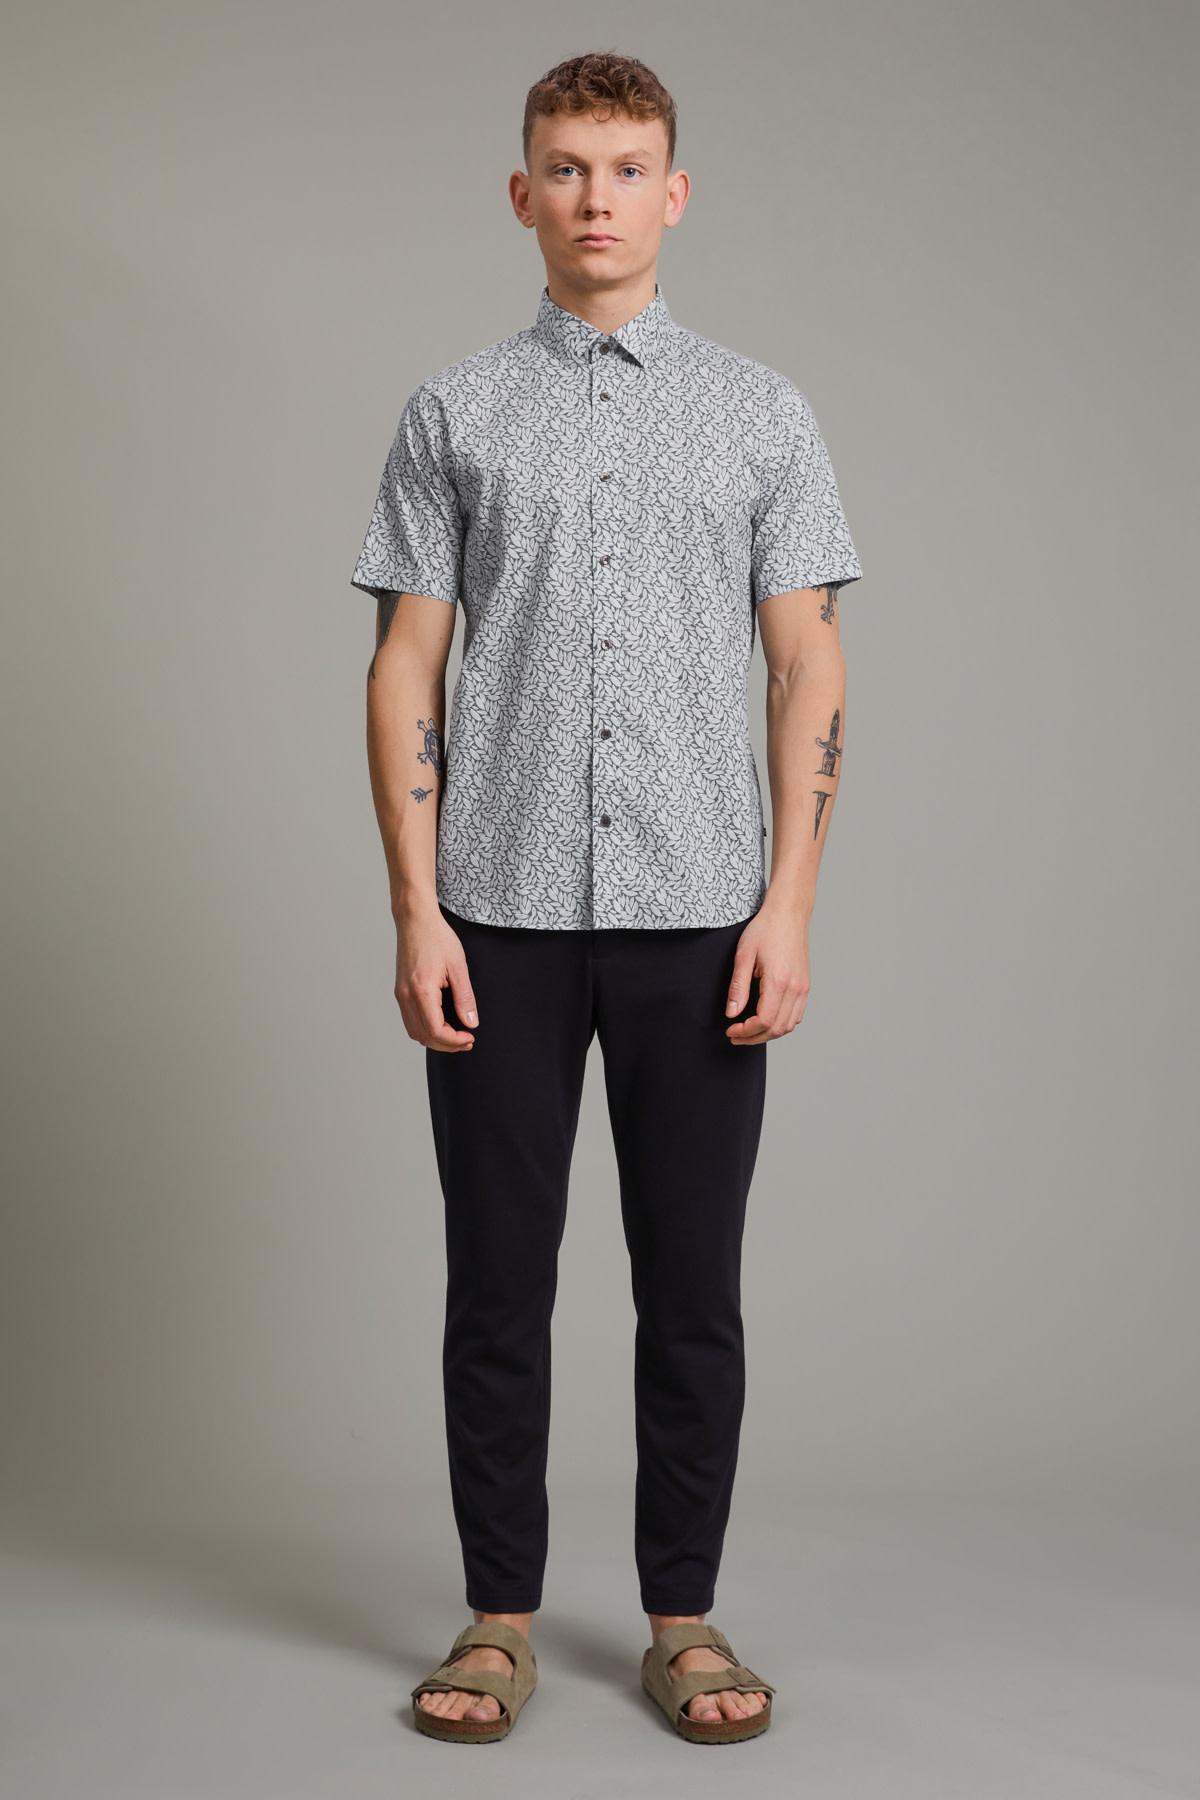 Trostol Short Sleeve Dress Shirt - Navy Leaves